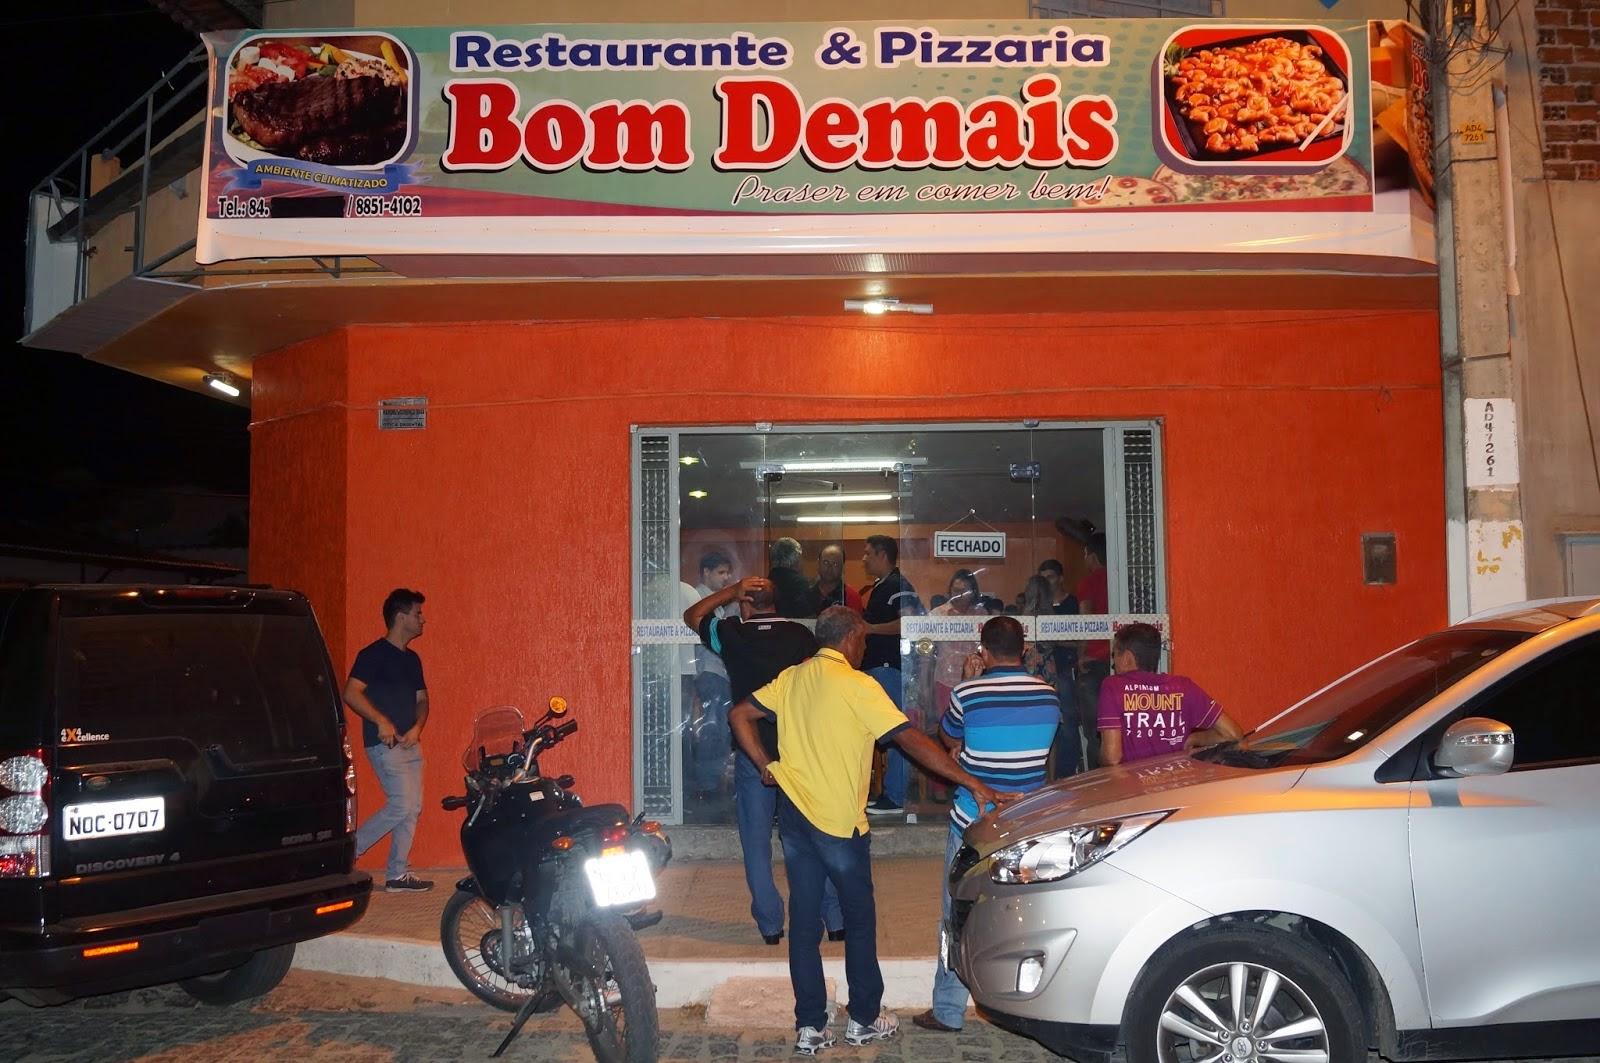 Visite o Restaurante e Pizzaria Bom Demais em Santa Cruz-RN